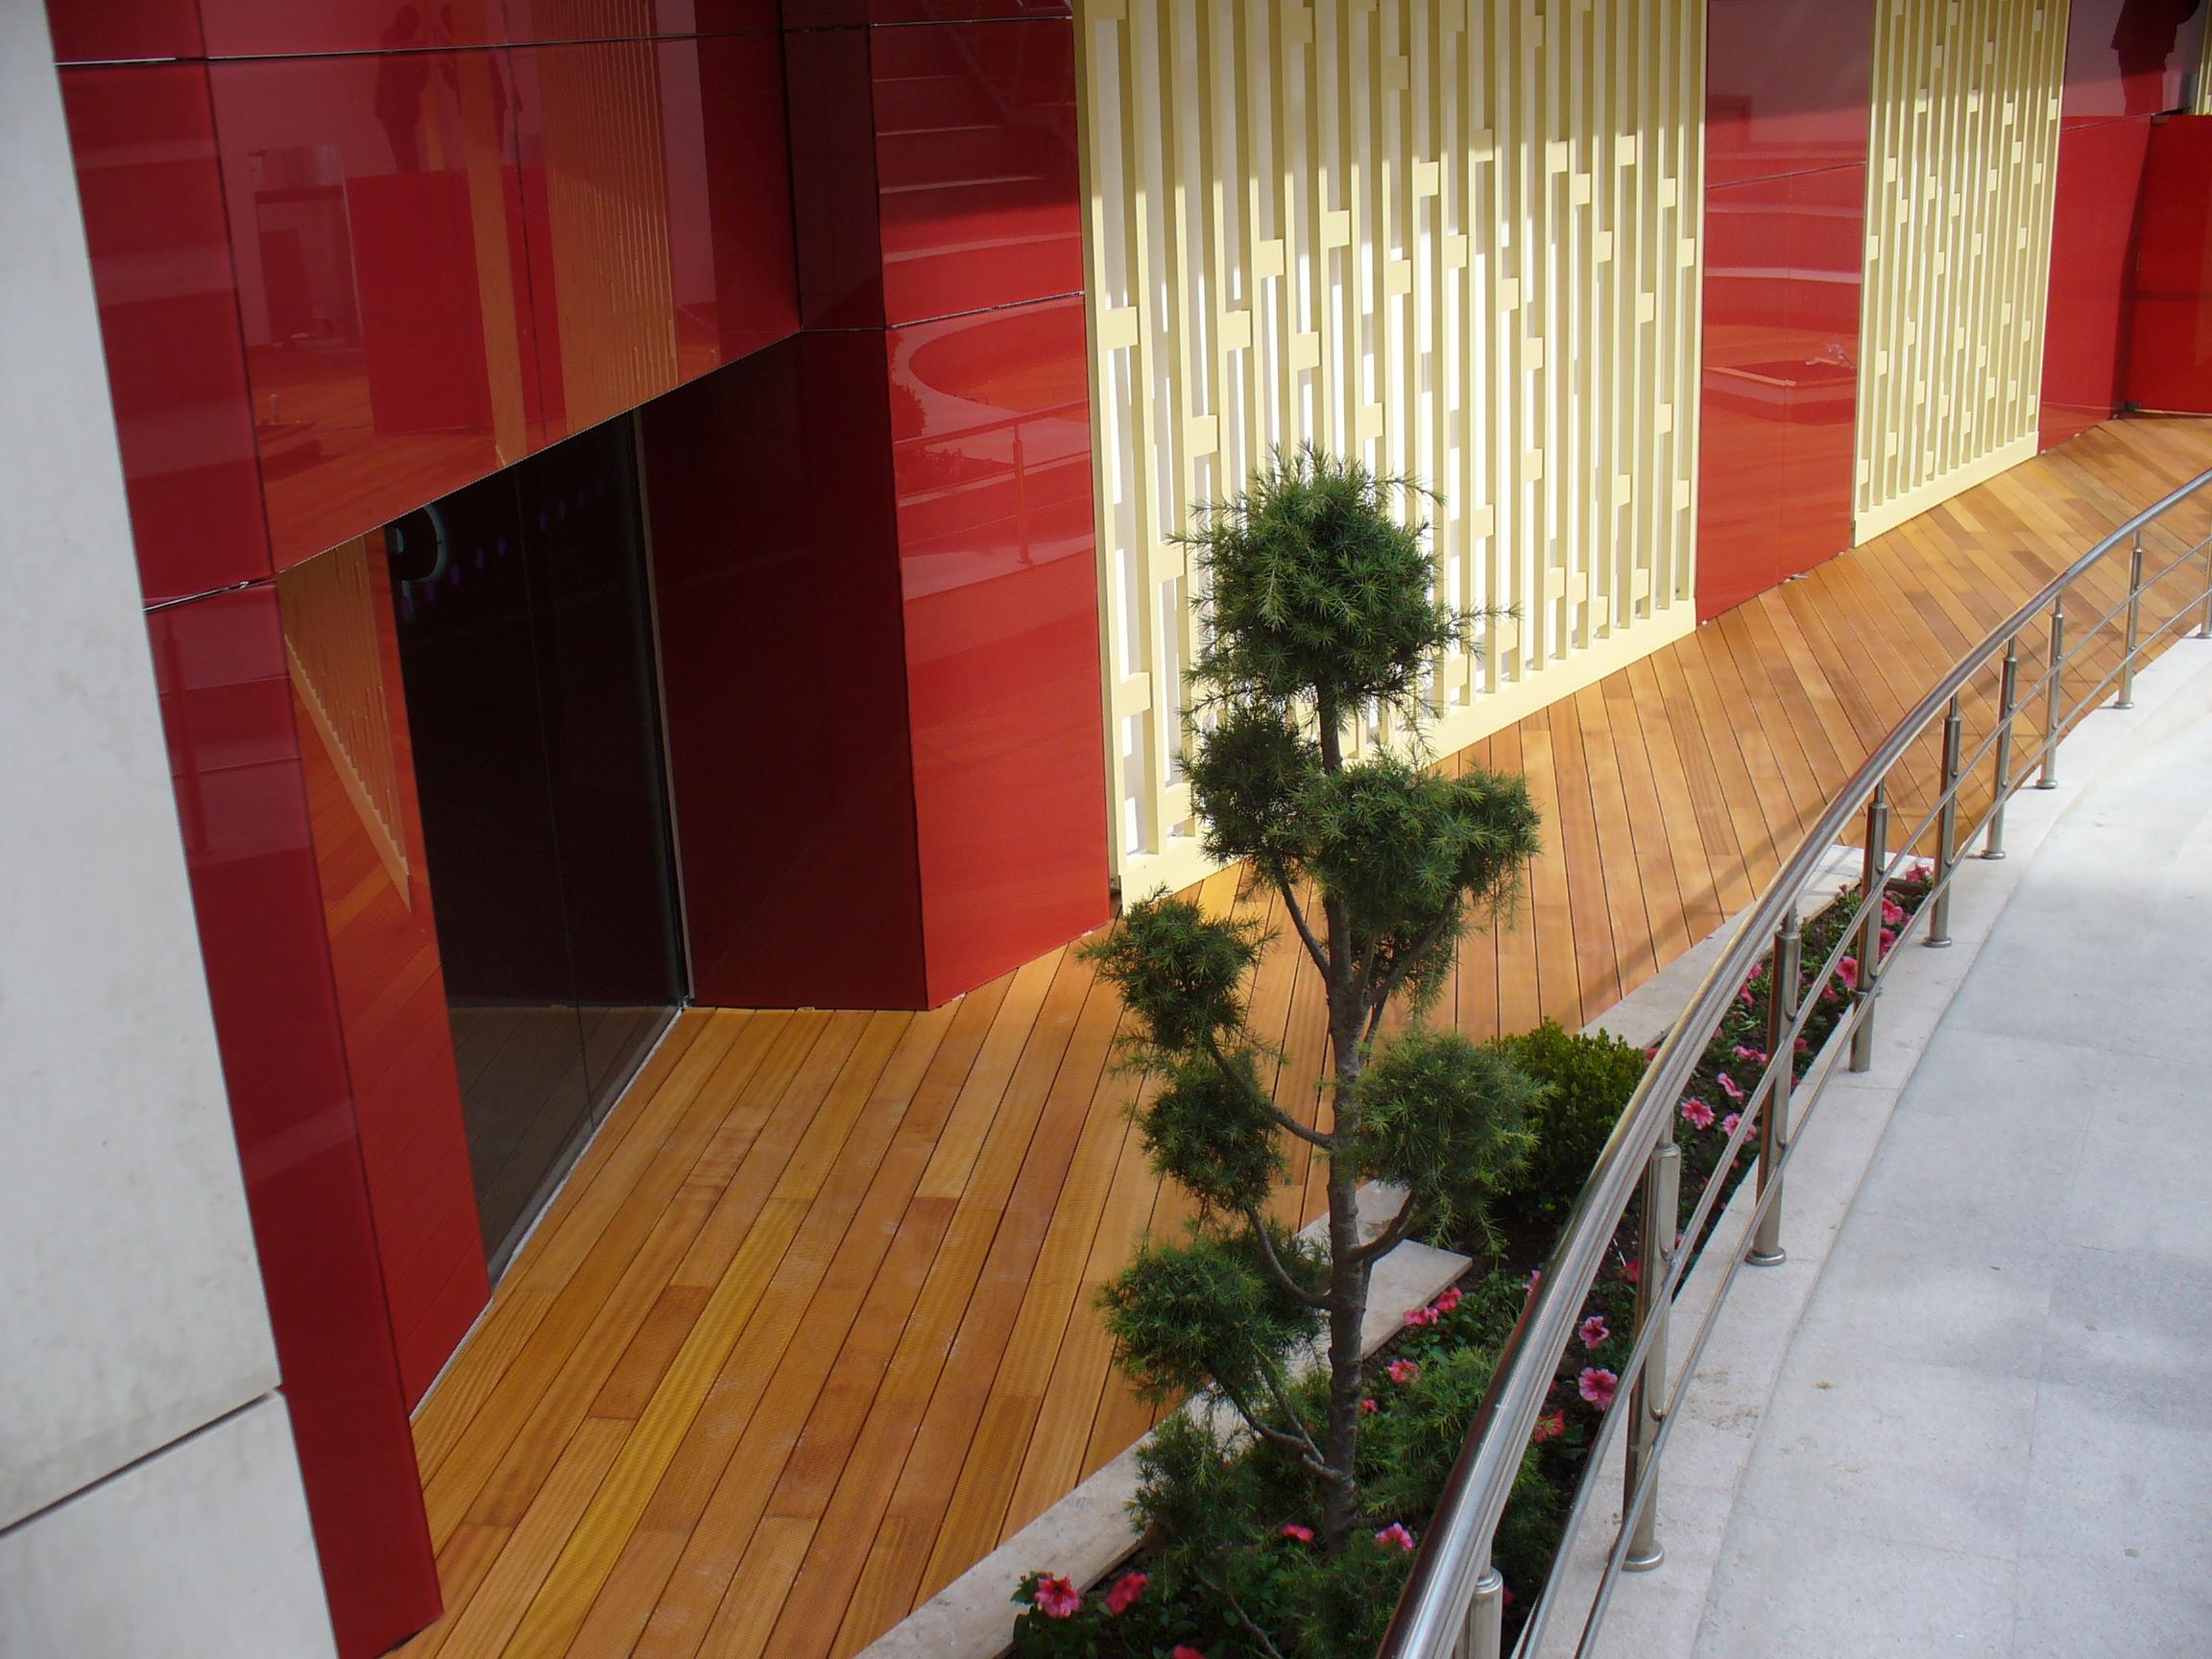 Deck-uri lemn - Guariuba SELVA FLOORS - Poza 6